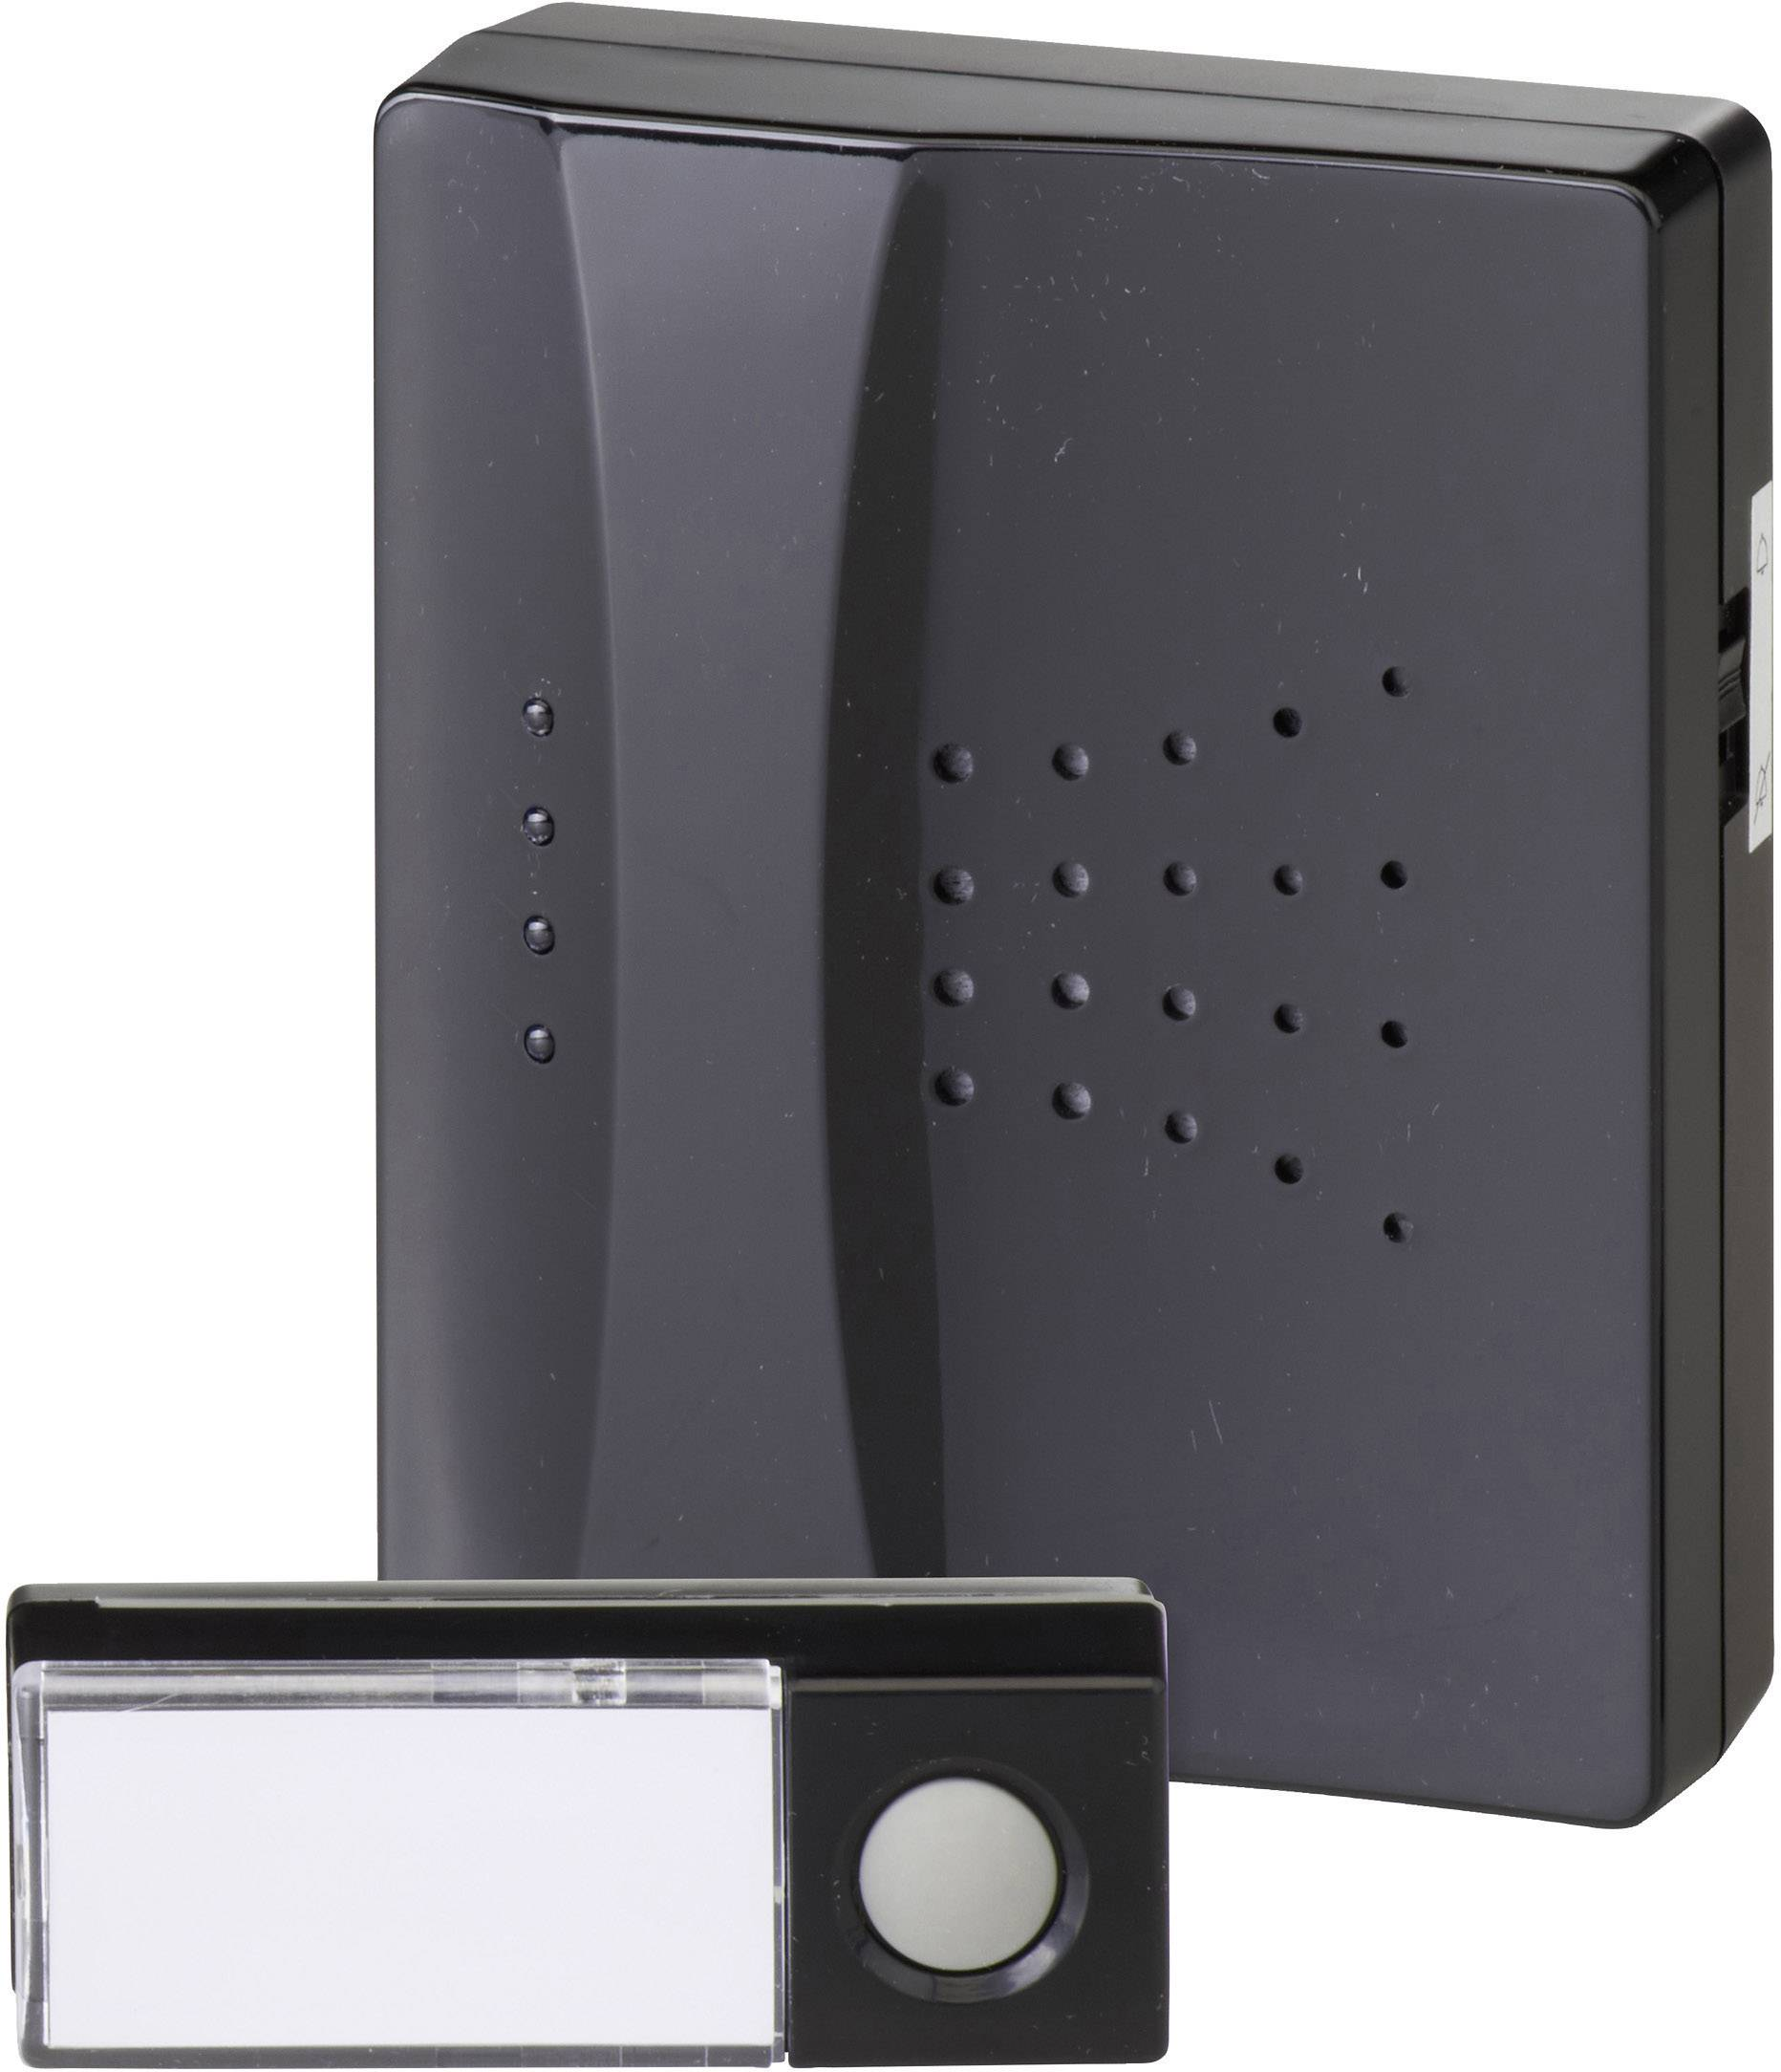 Bezdrôtový zvonček Heidemann HX Piano 70831, kompletná sada, max. dosah 150 m, čierna